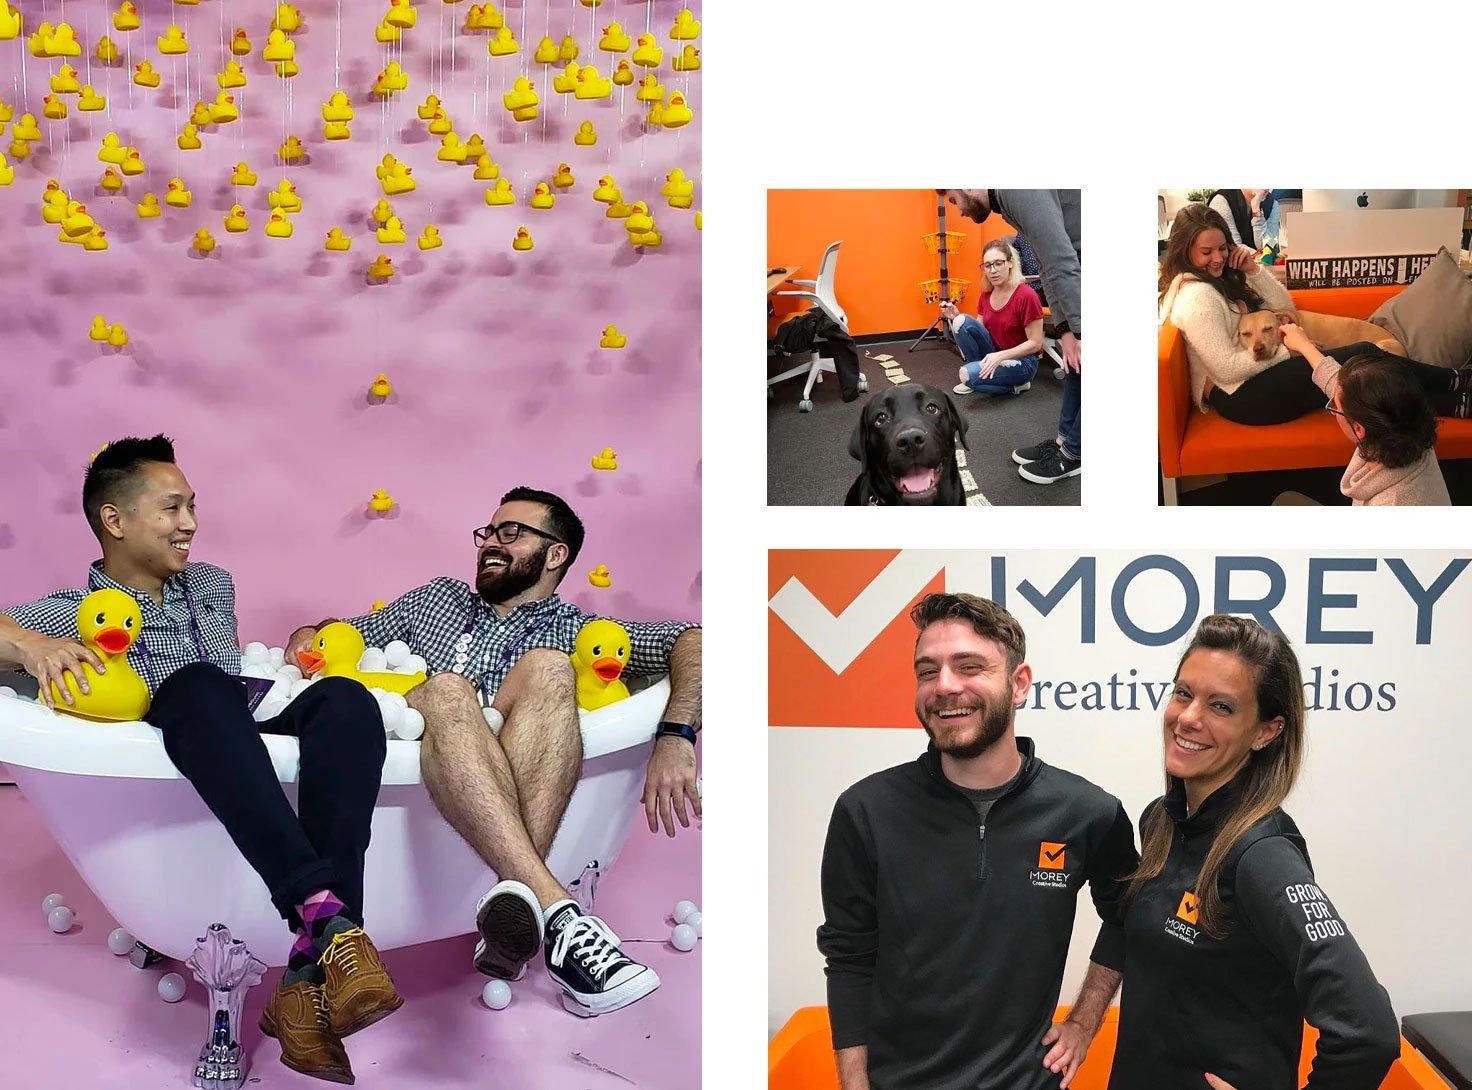 Morey Creative Team Members